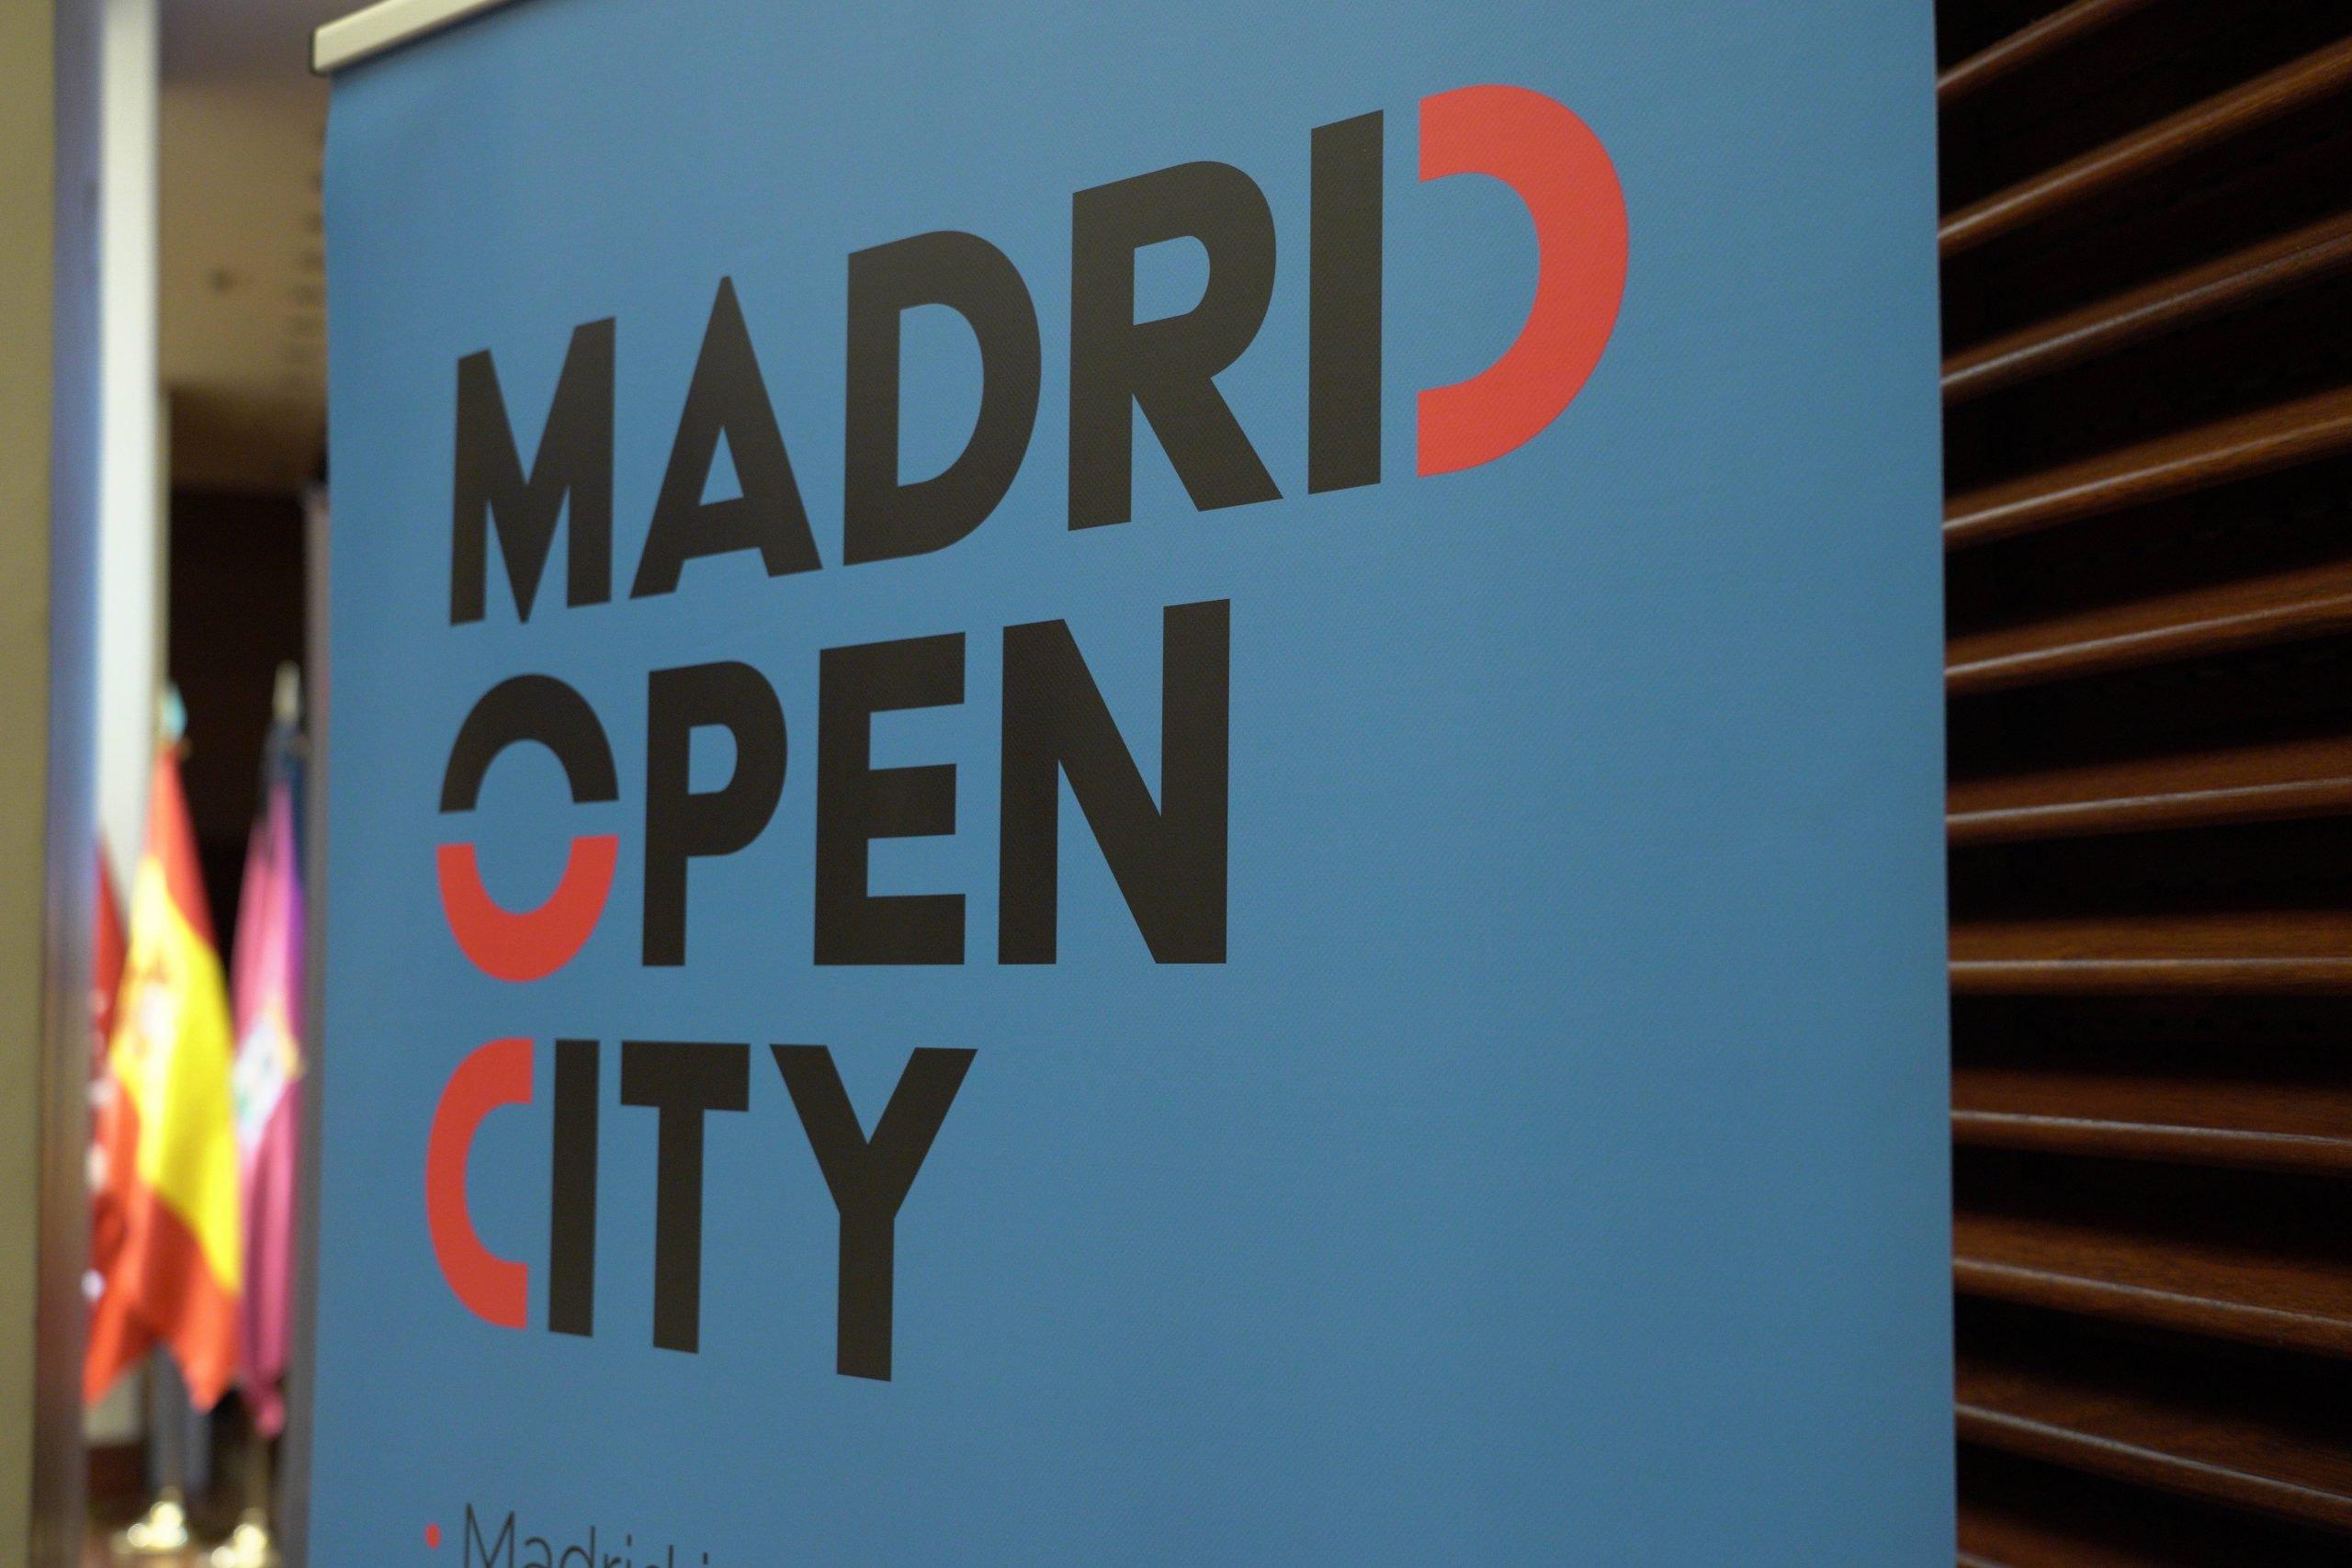 Madrid Open City: una entidad para captar inversión y estar entre las grandes capitales 2